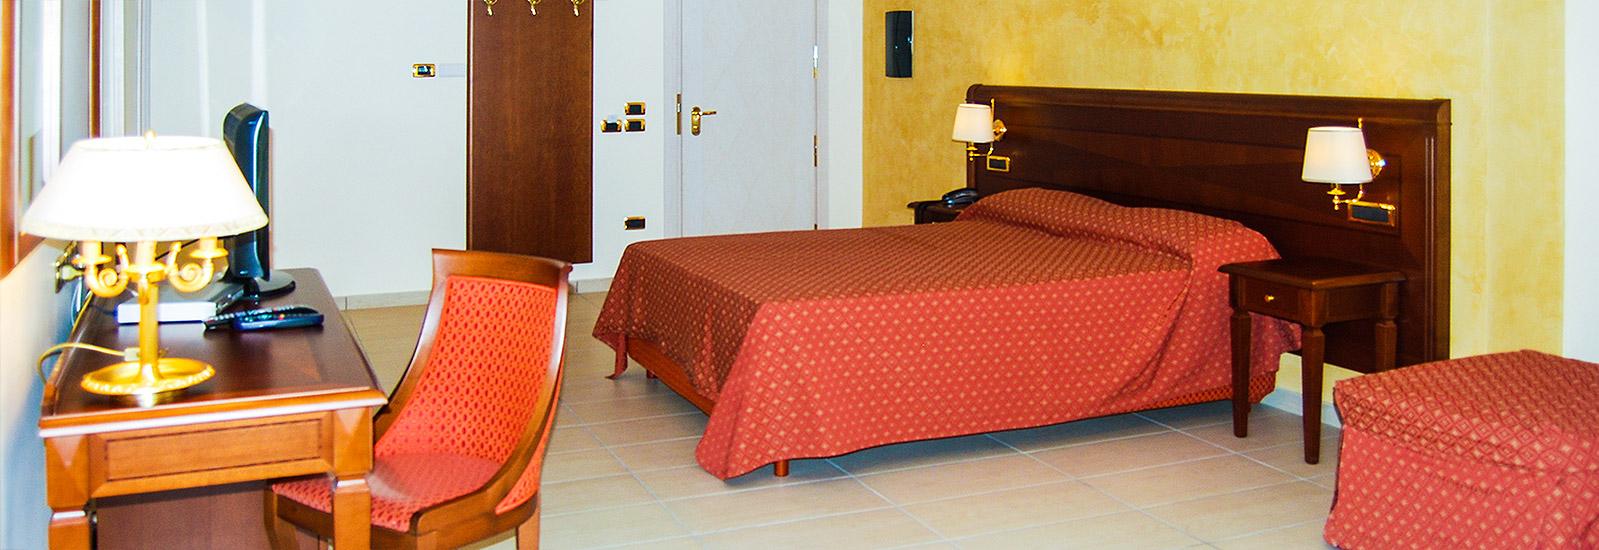 Hotel Acerra